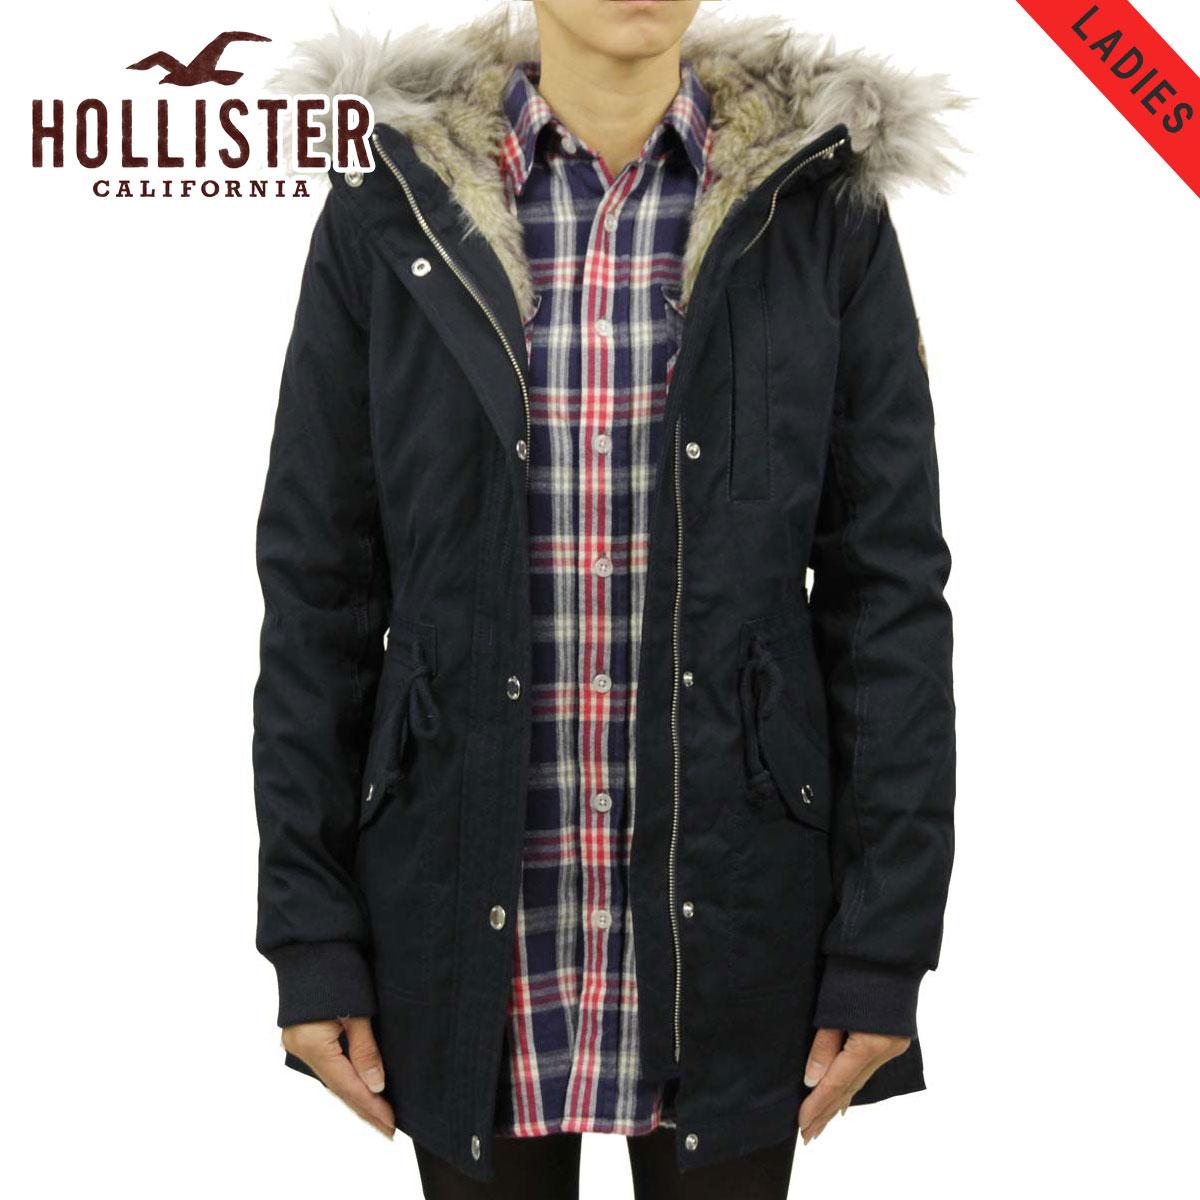 ホリスター HOLLISTER 正規品 レディース アウター フードロングコート Stretch Faux-Fur-Lined Parka 344-445-0674-200